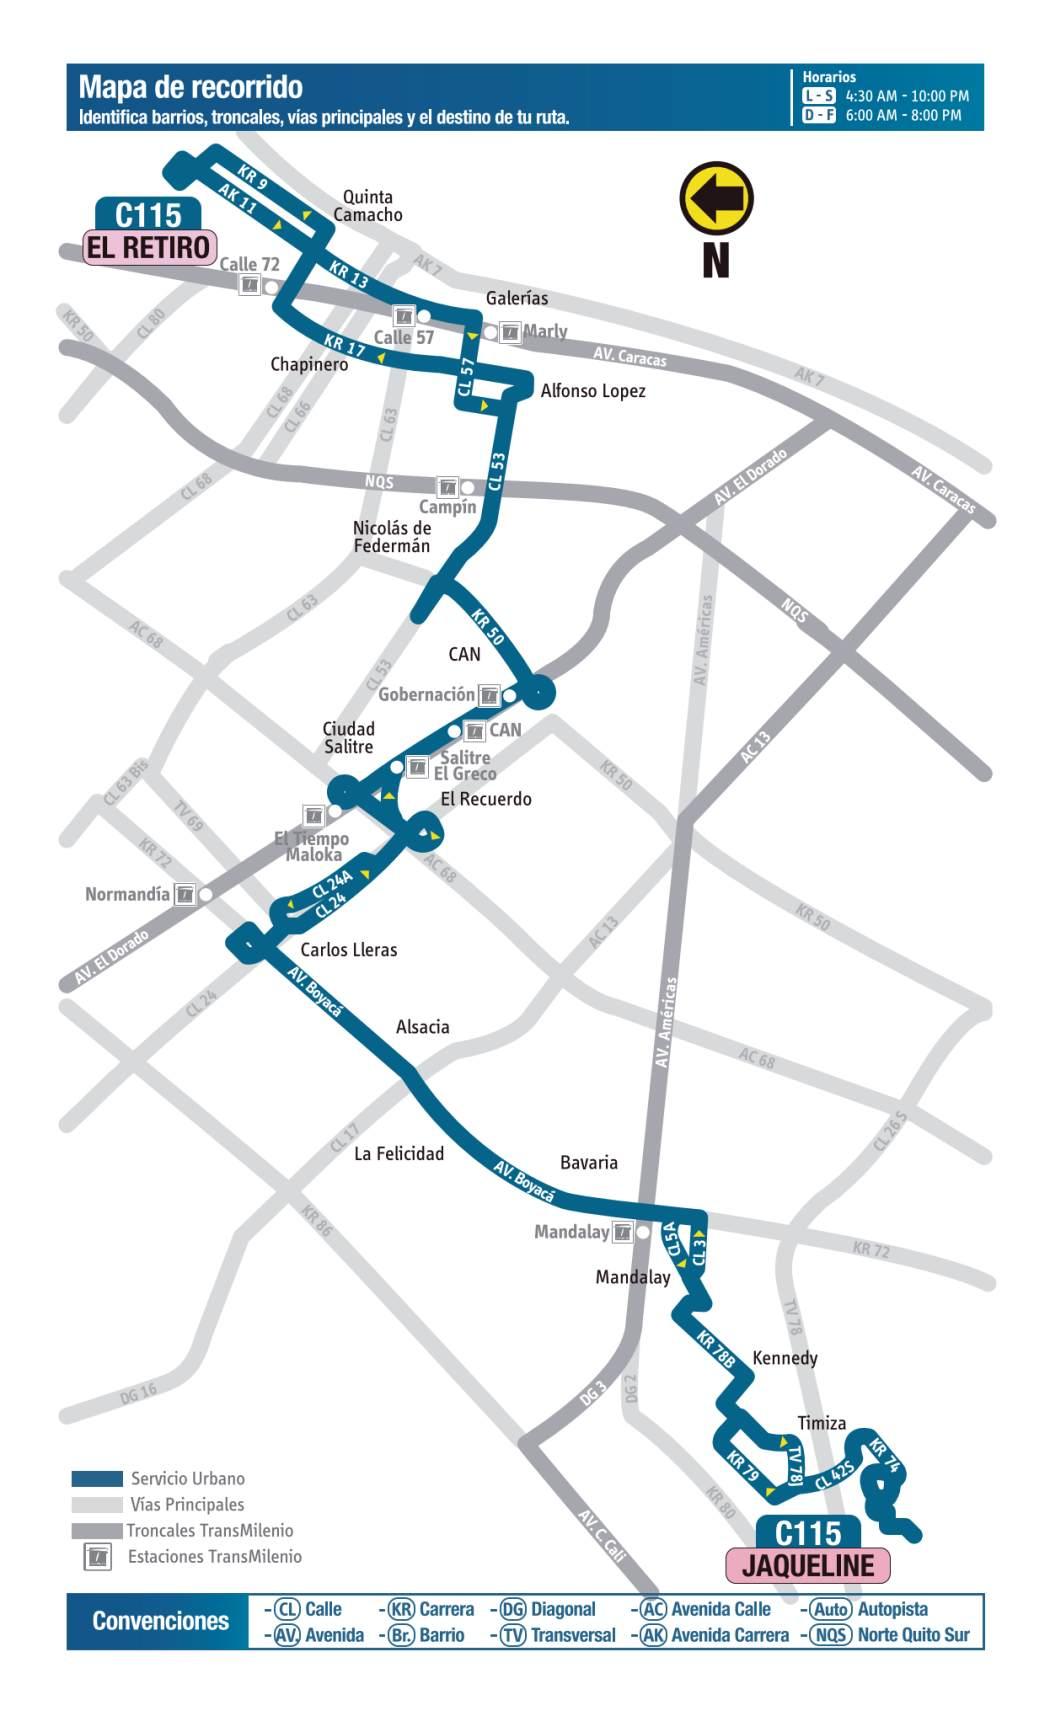 C115 Jaqueline - El Retiro, mapa bus urbano Bogotá